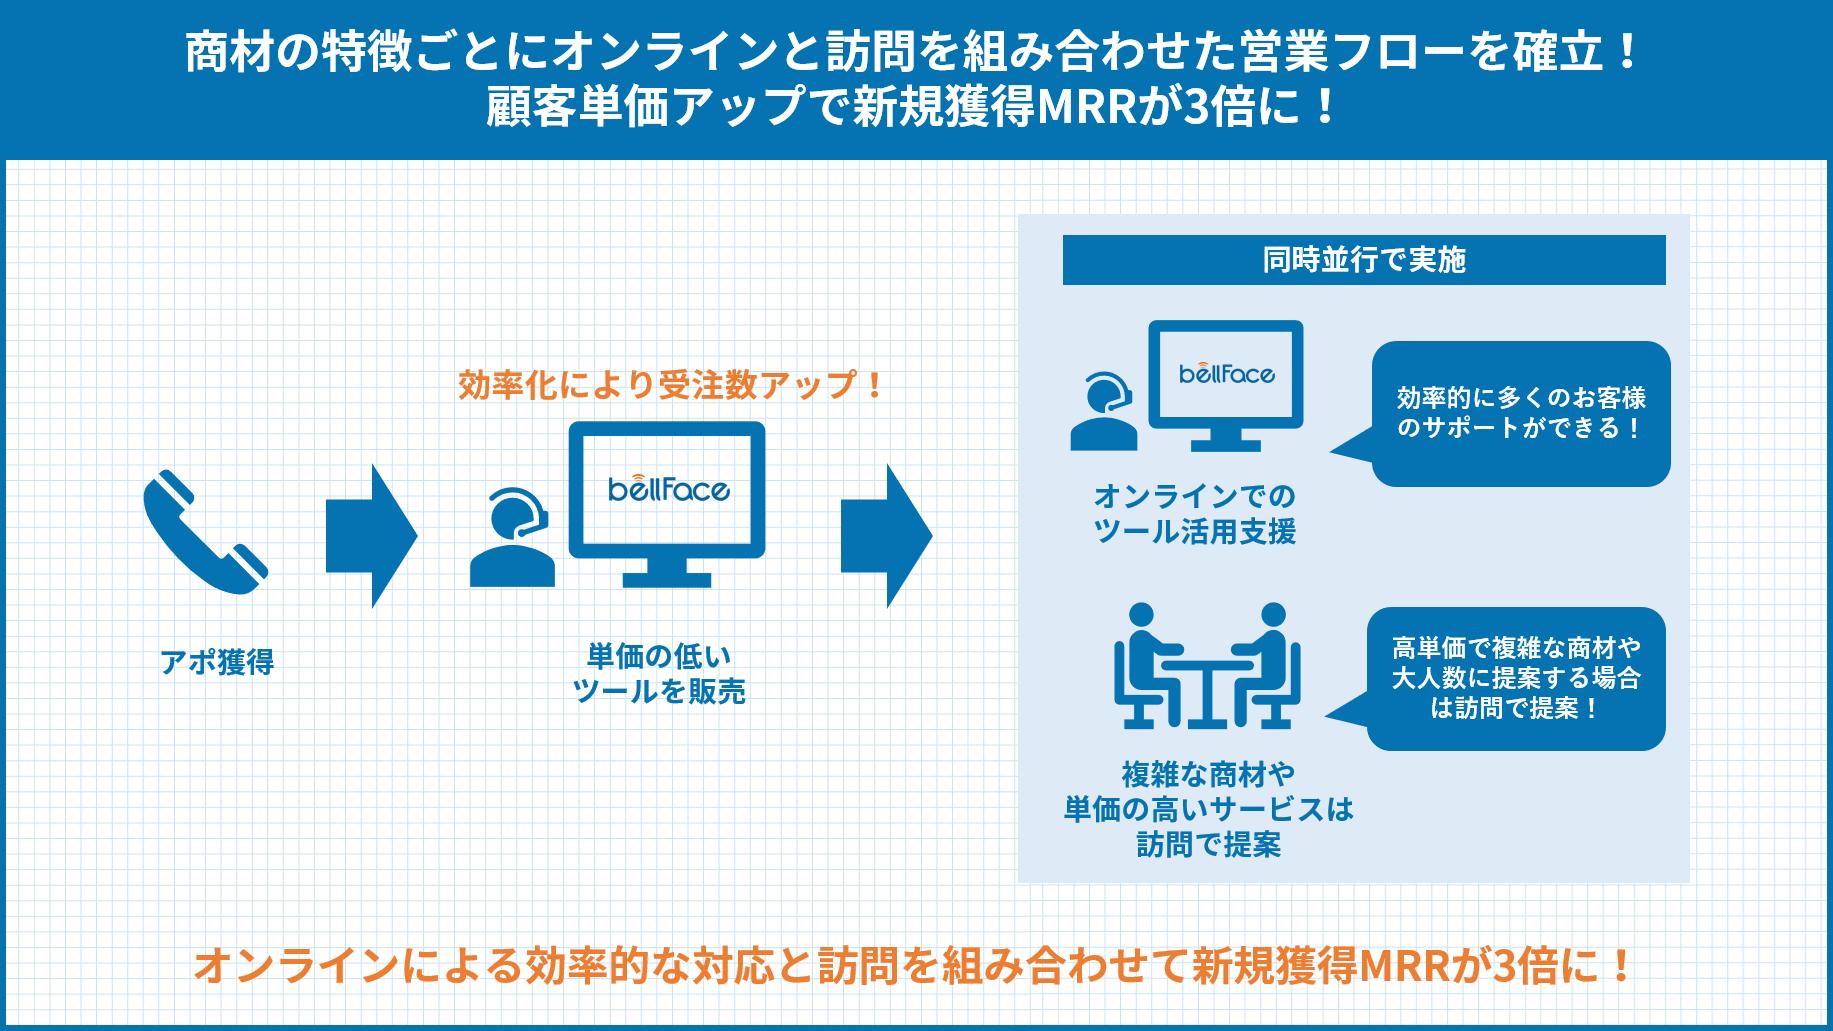 オンラインと訪問を組み合わせて新規獲得MRR3倍!アップセルに繋がるベルフェイスの使い所とは?